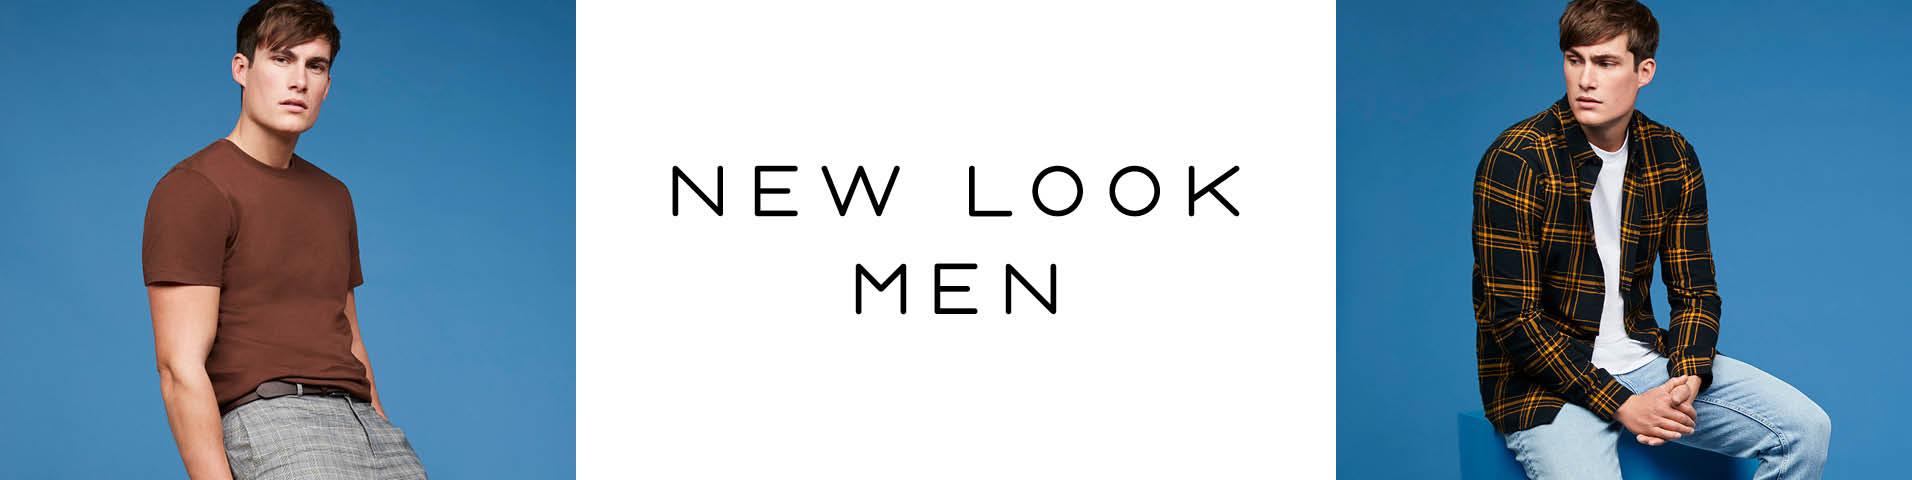 Vêtements homme New Look en ligne   Commandez dès maintenant sur Zalando a3f88c0d805